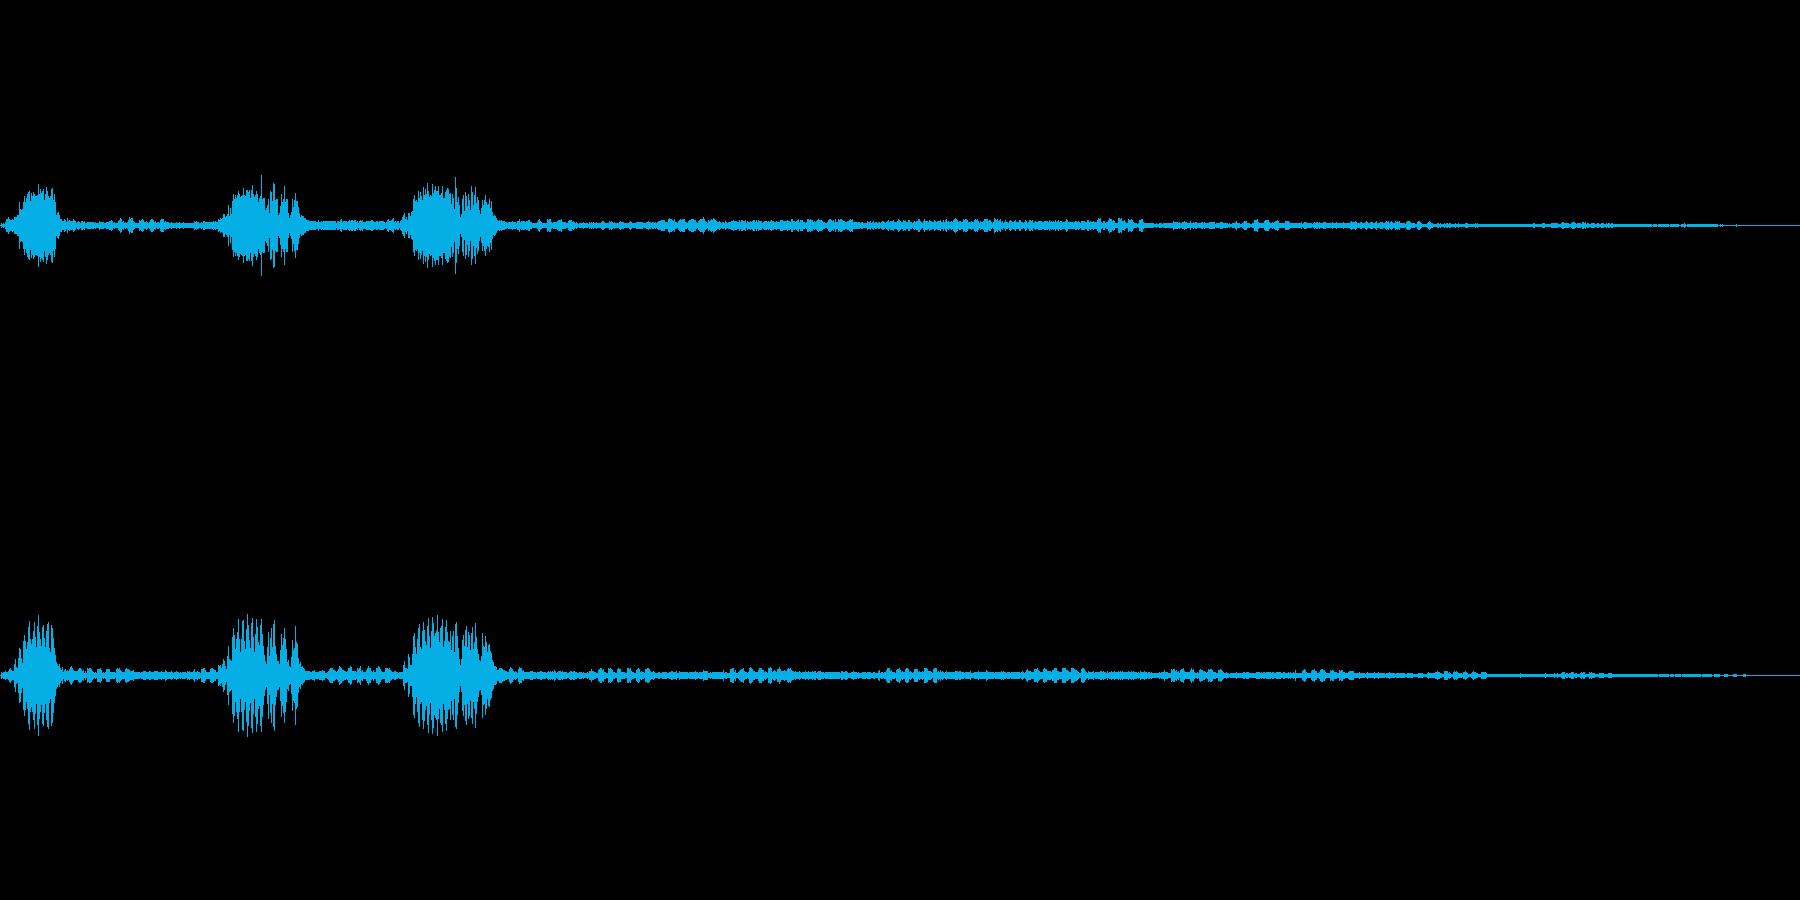 鈴虫,コオロギが鳴く秋の夜の効果音!03の再生済みの波形